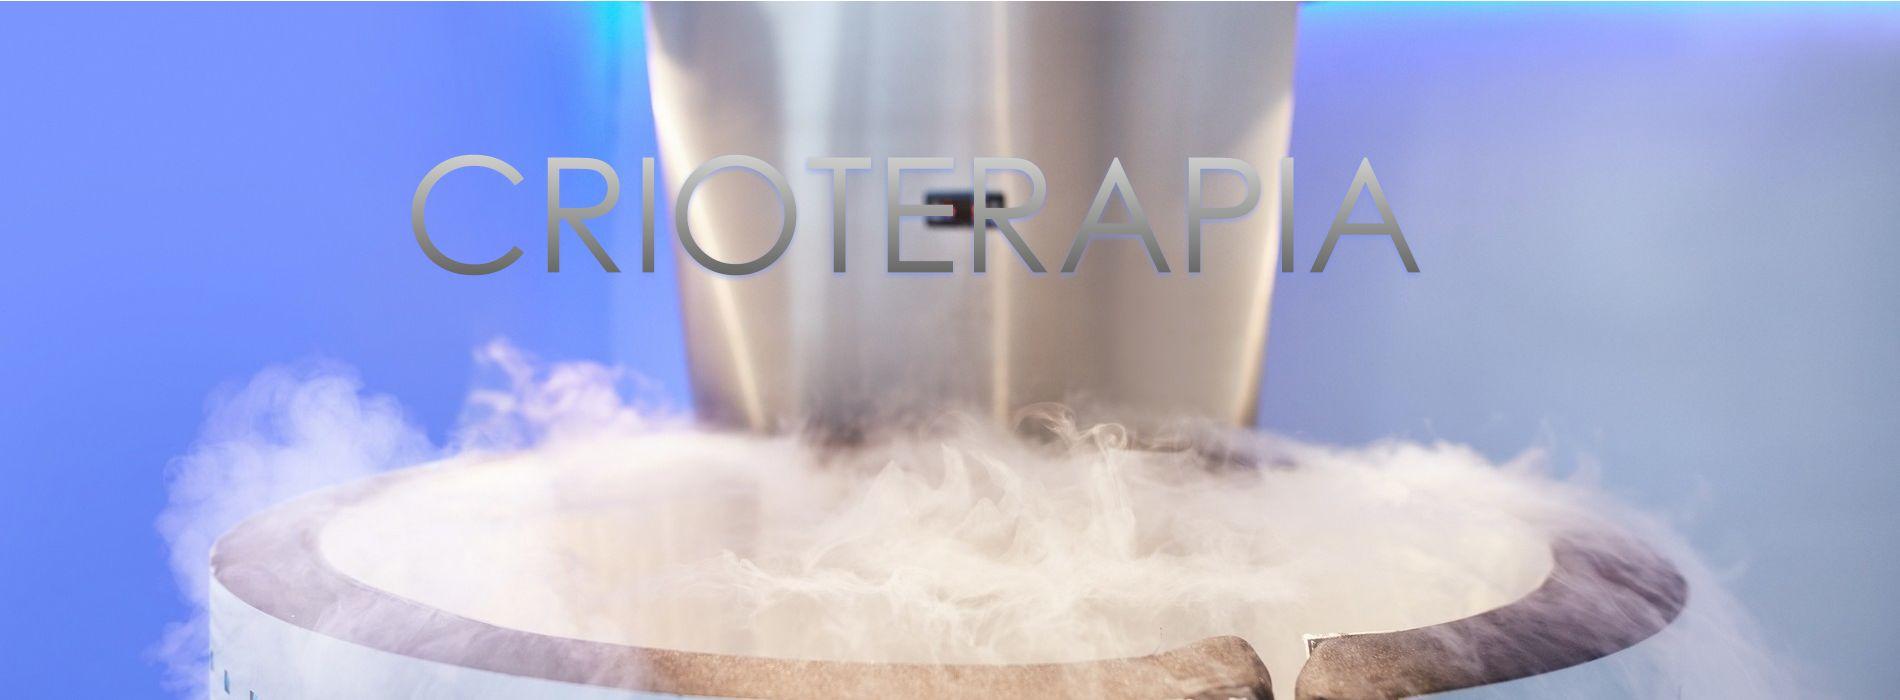 crioterapia2